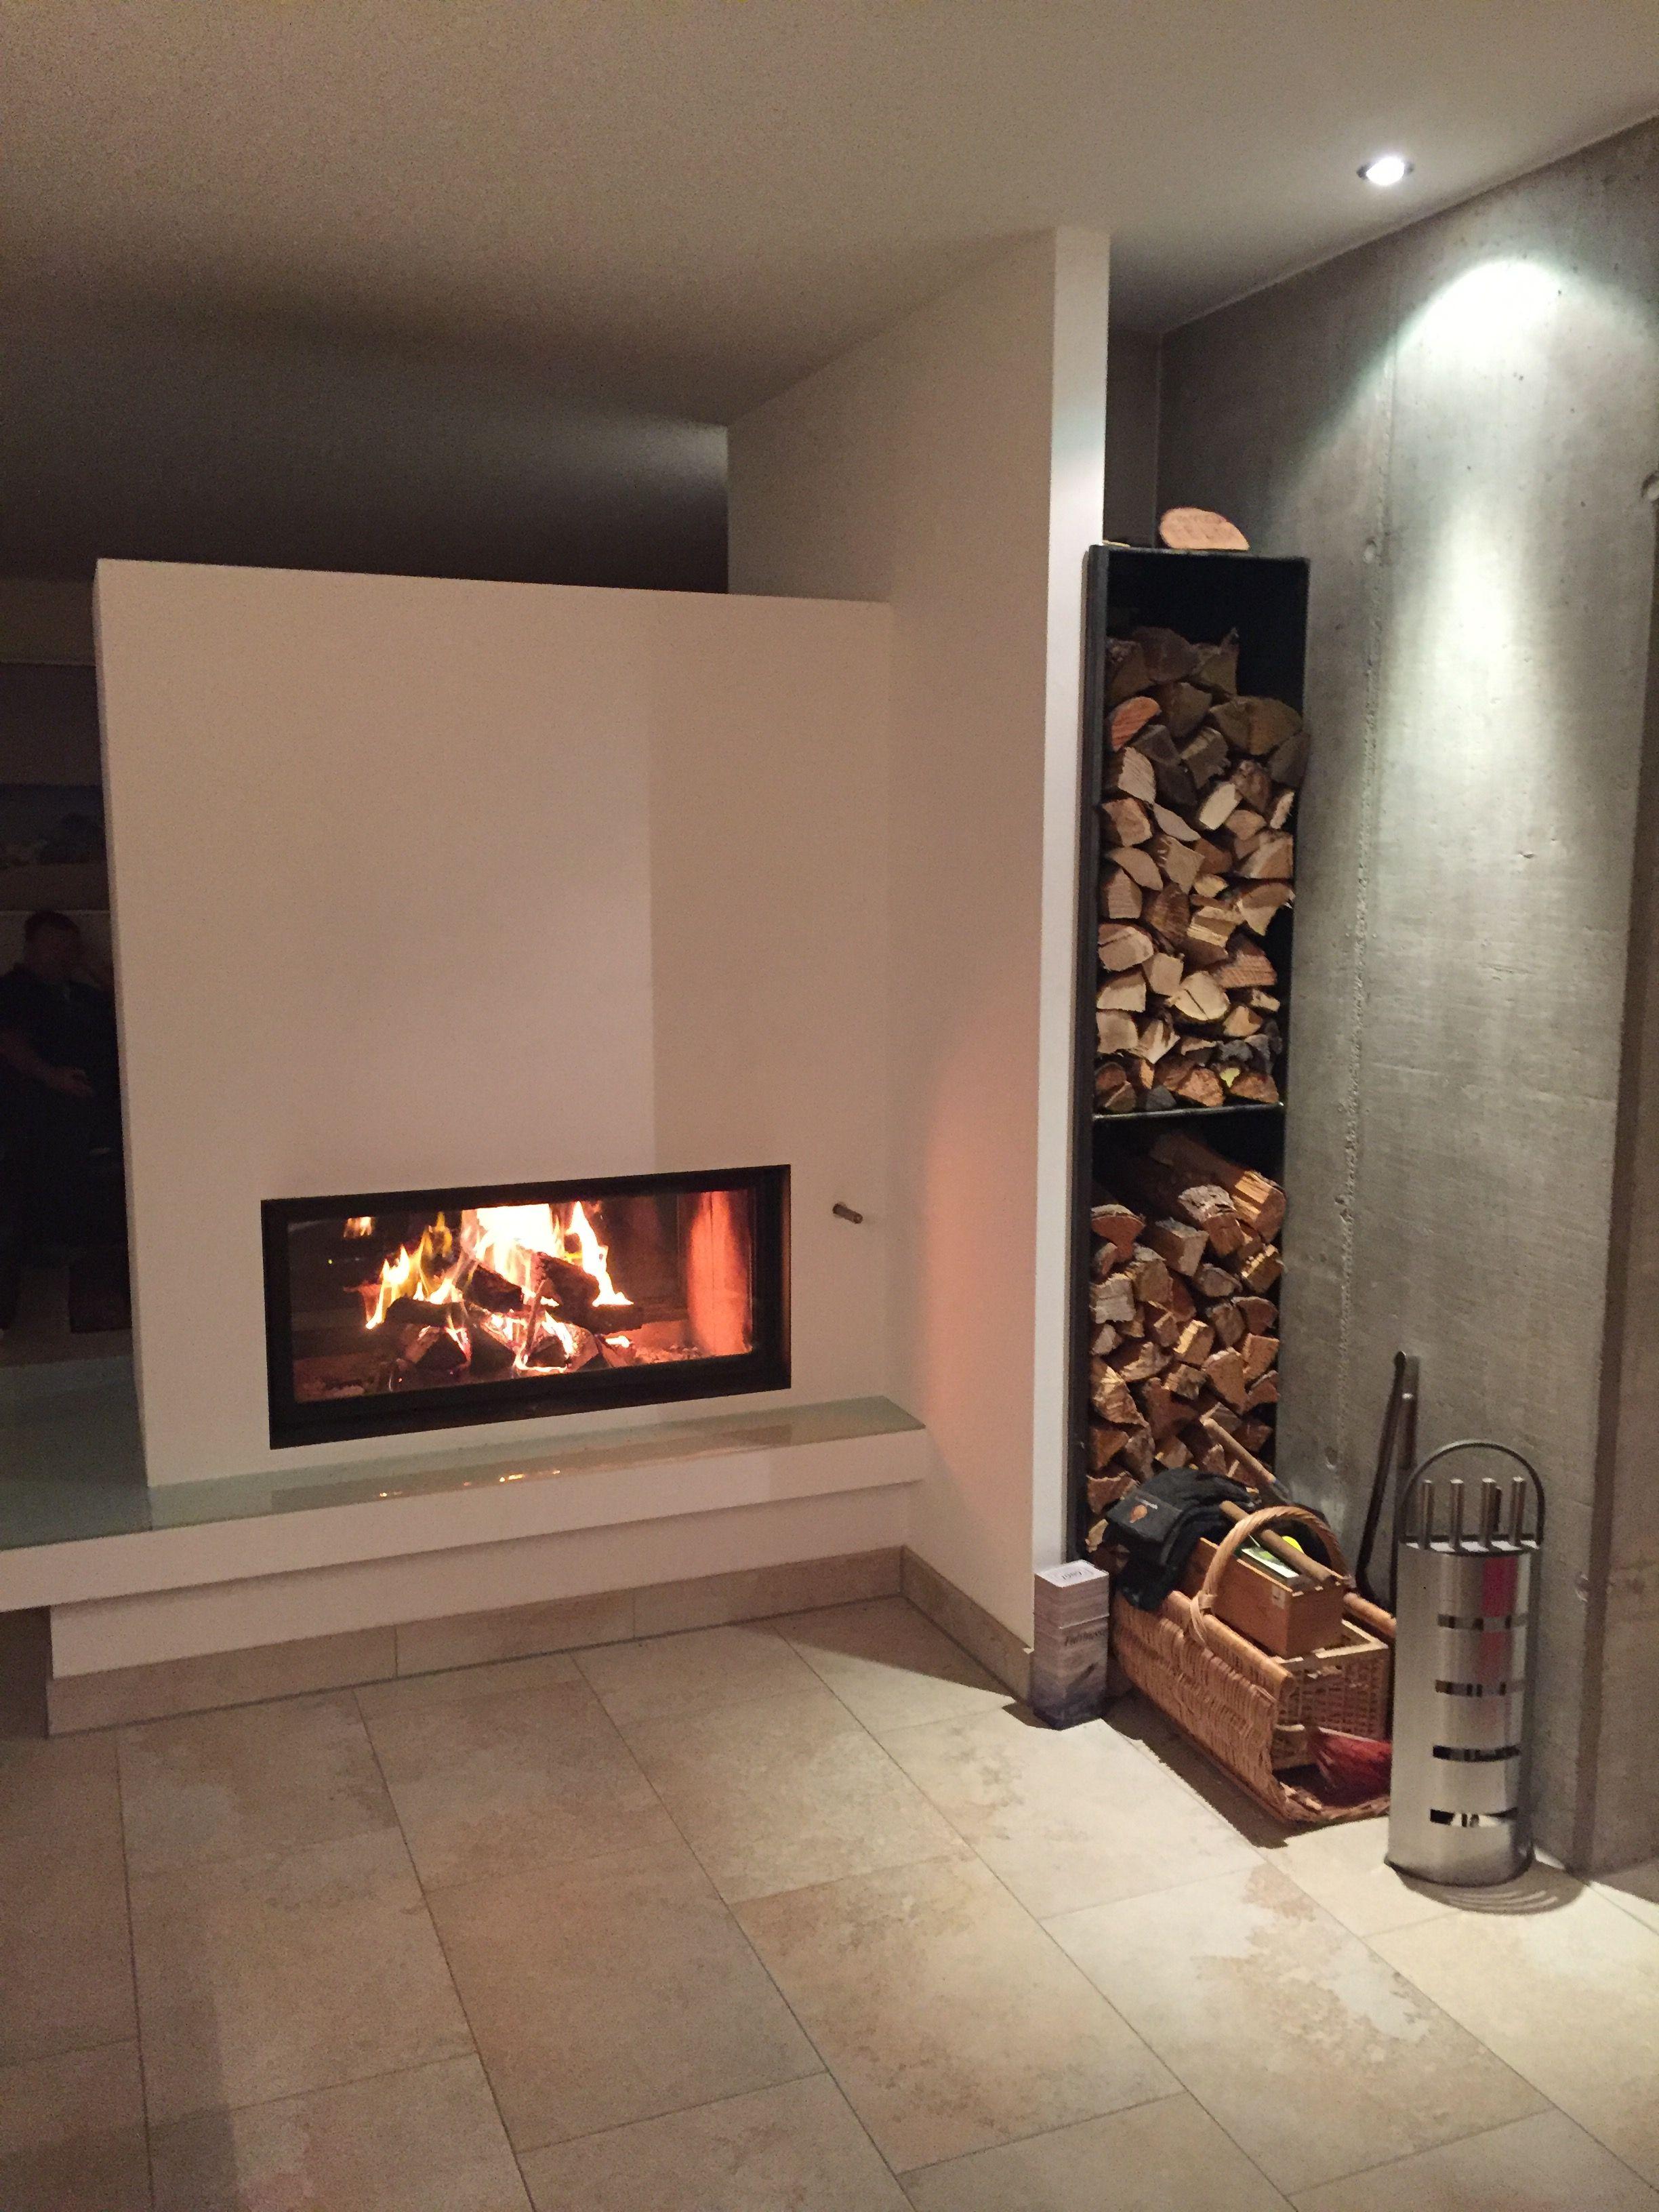 durchsichtkamin als raumteiler verbaut die stahlholzlege wird durch eine vorgezogene wand. Black Bedroom Furniture Sets. Home Design Ideas